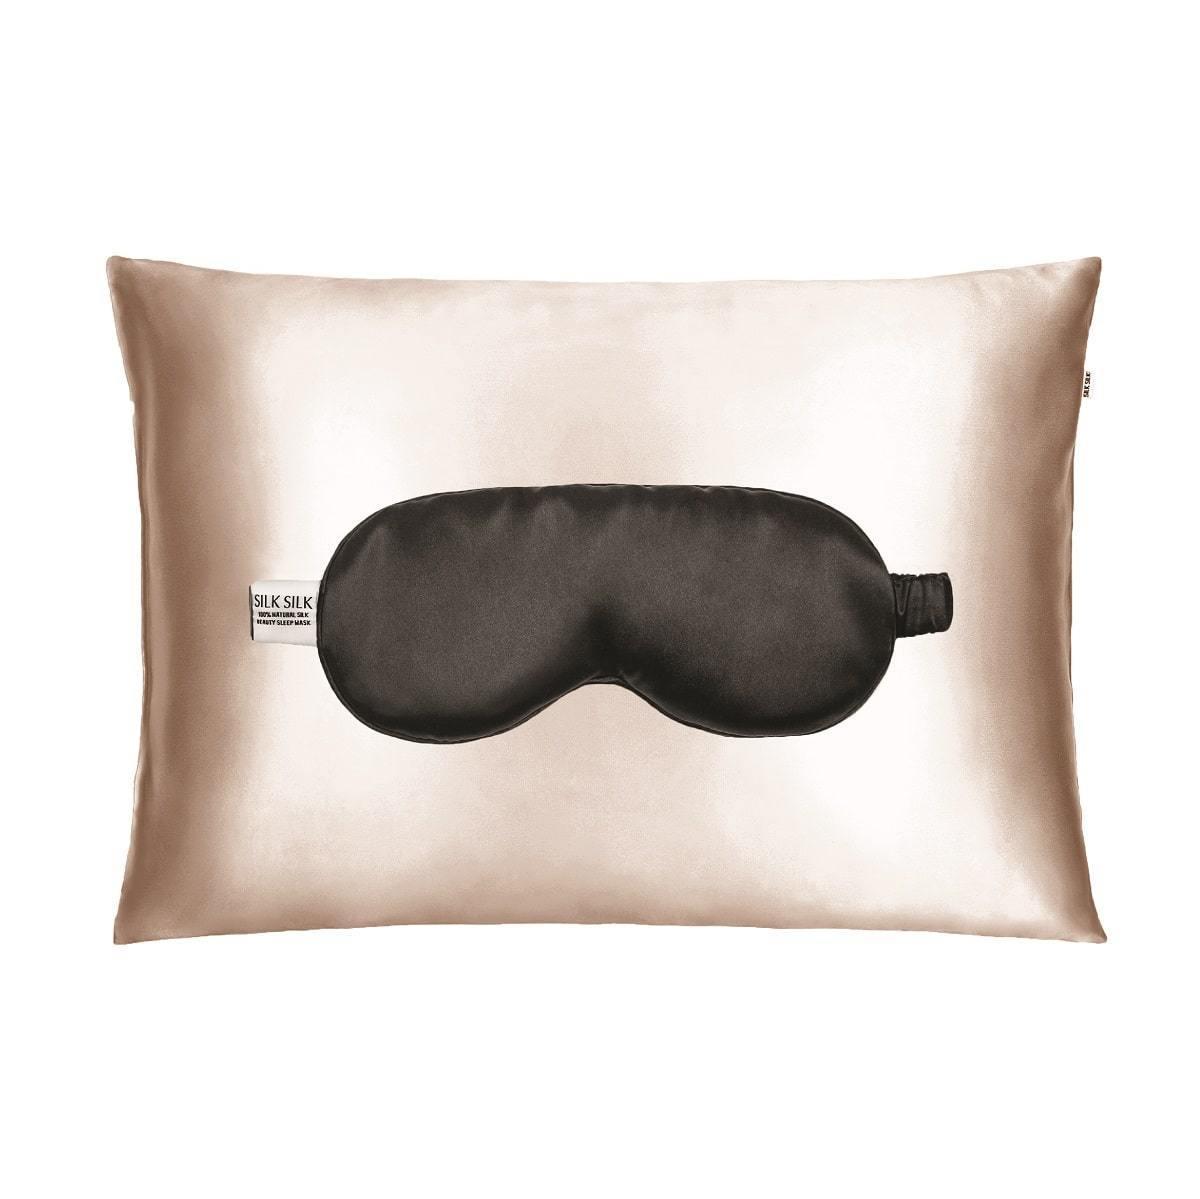 Набор для сна Silk Silk карамель/черный (наволочка + маска)